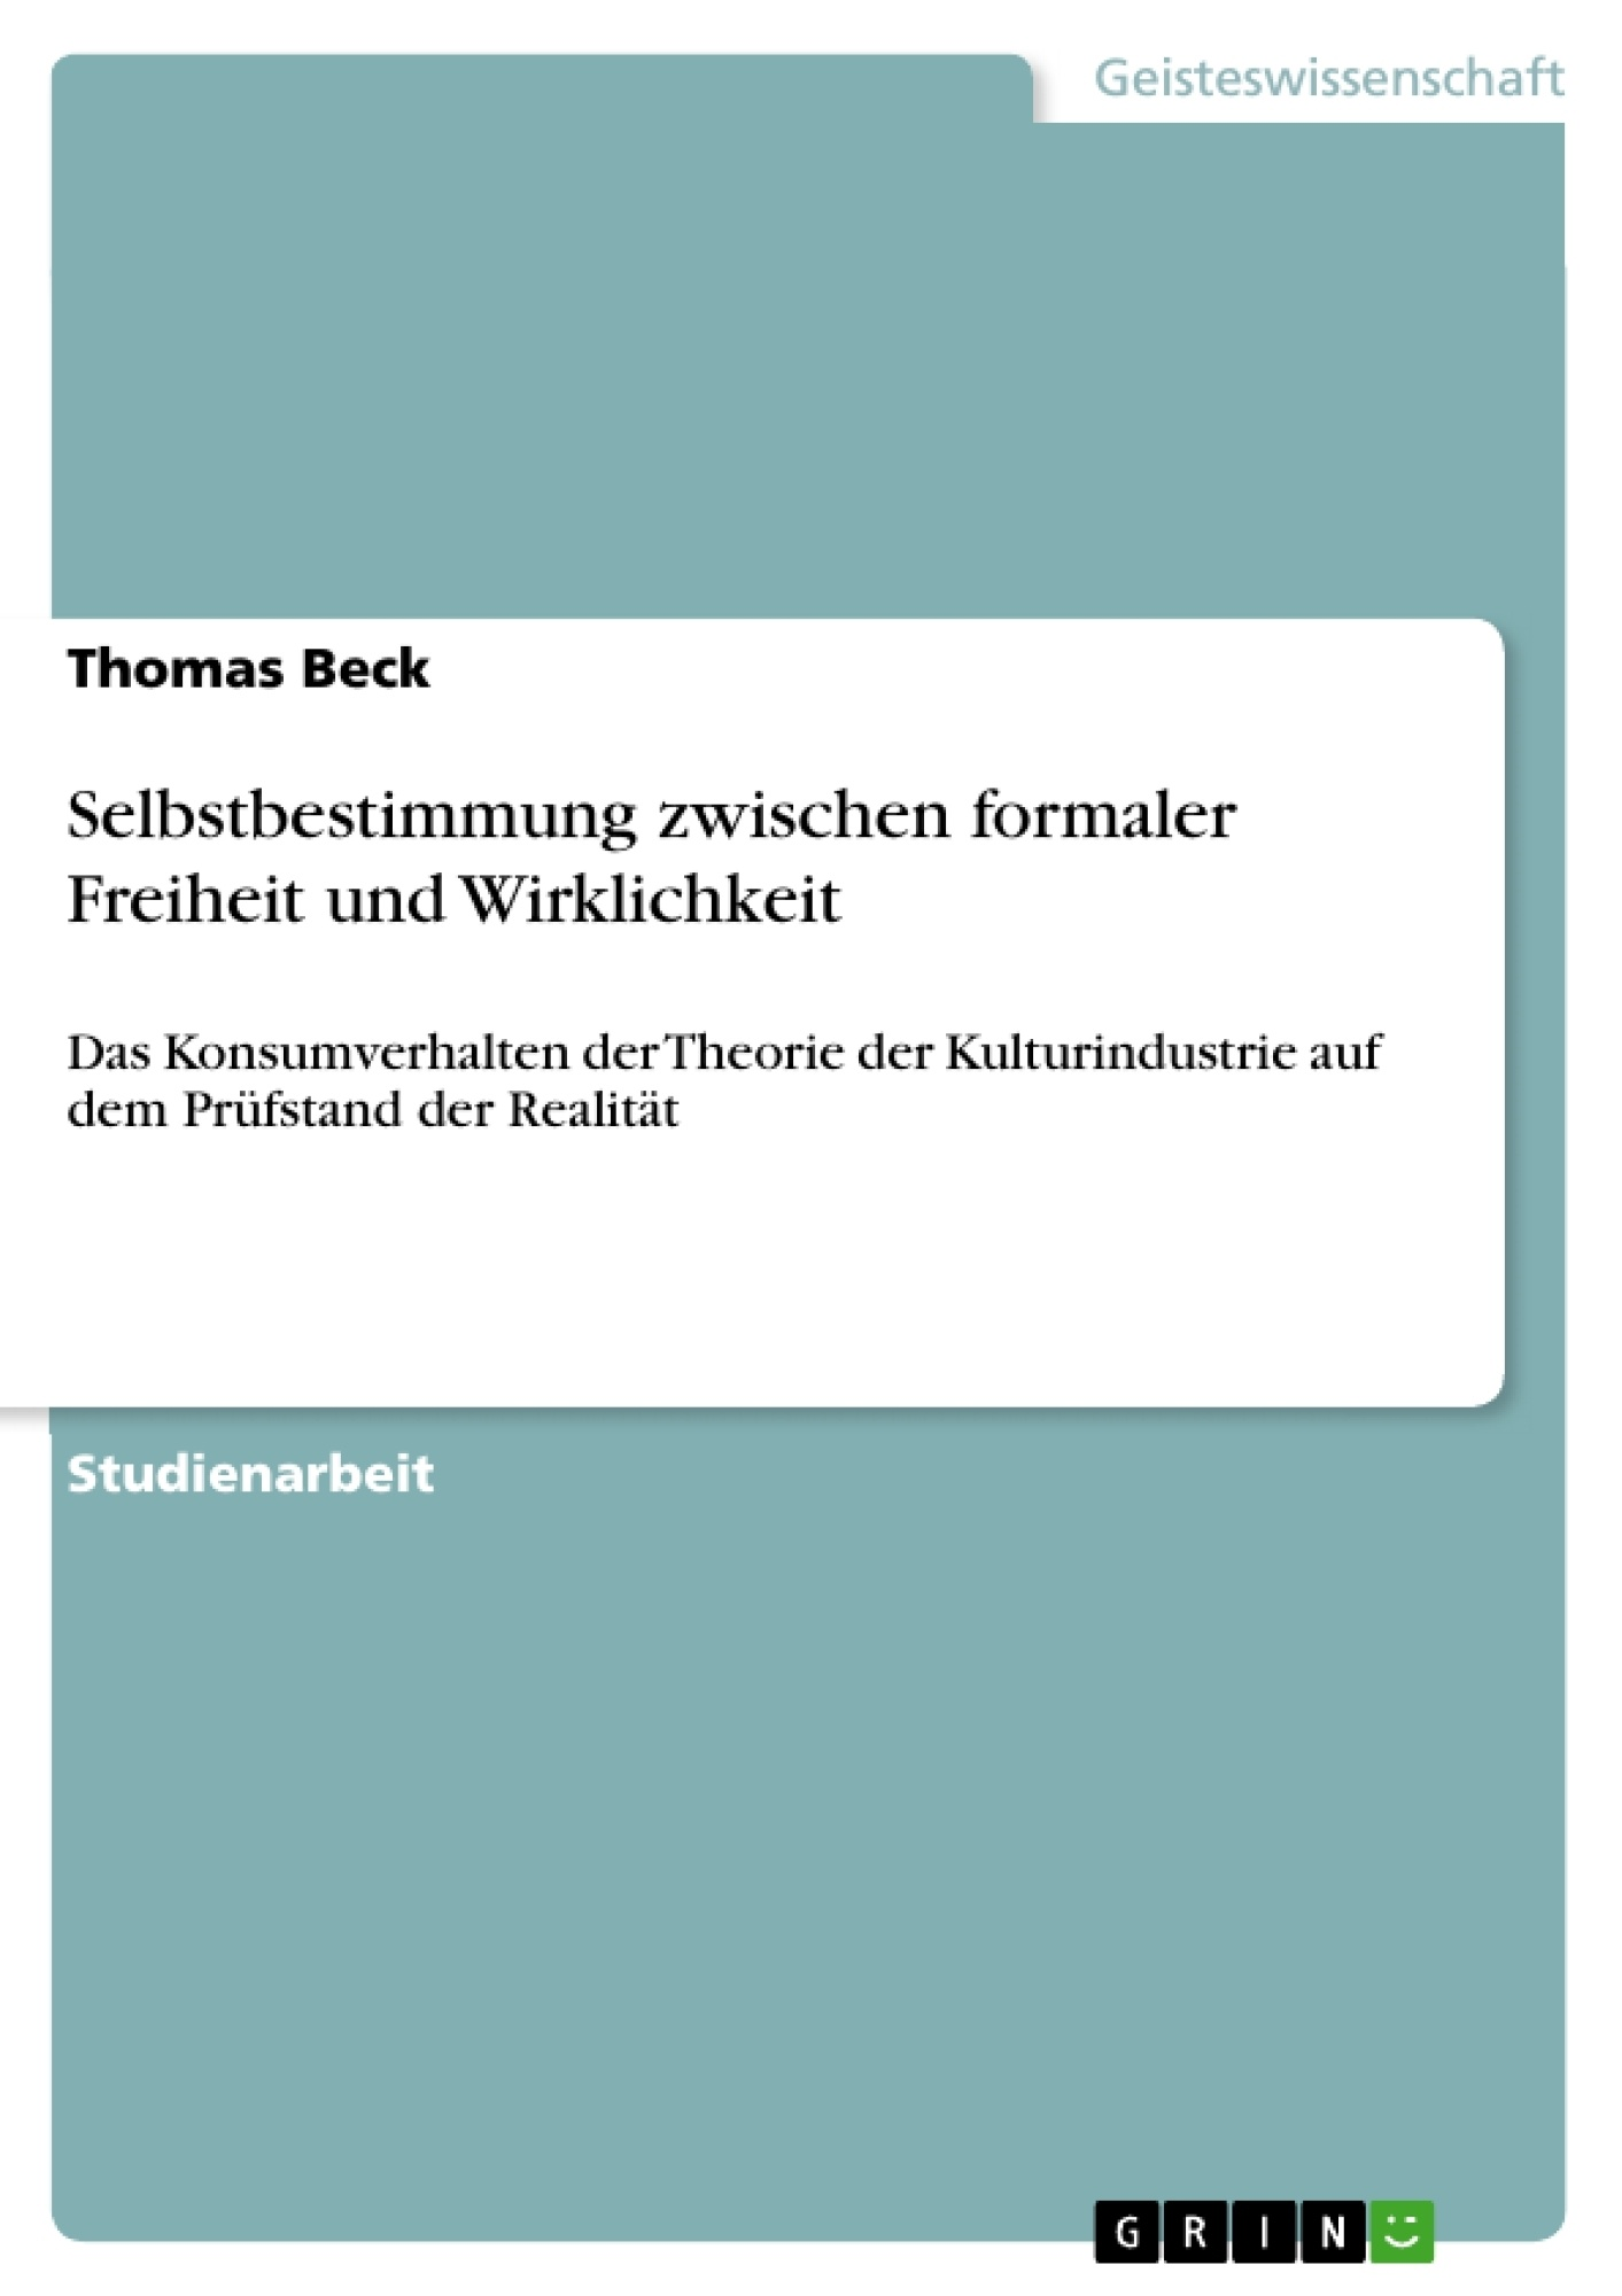 Titel: Selbstbestimmung zwischen formaler Freiheit und Wirklichkeit